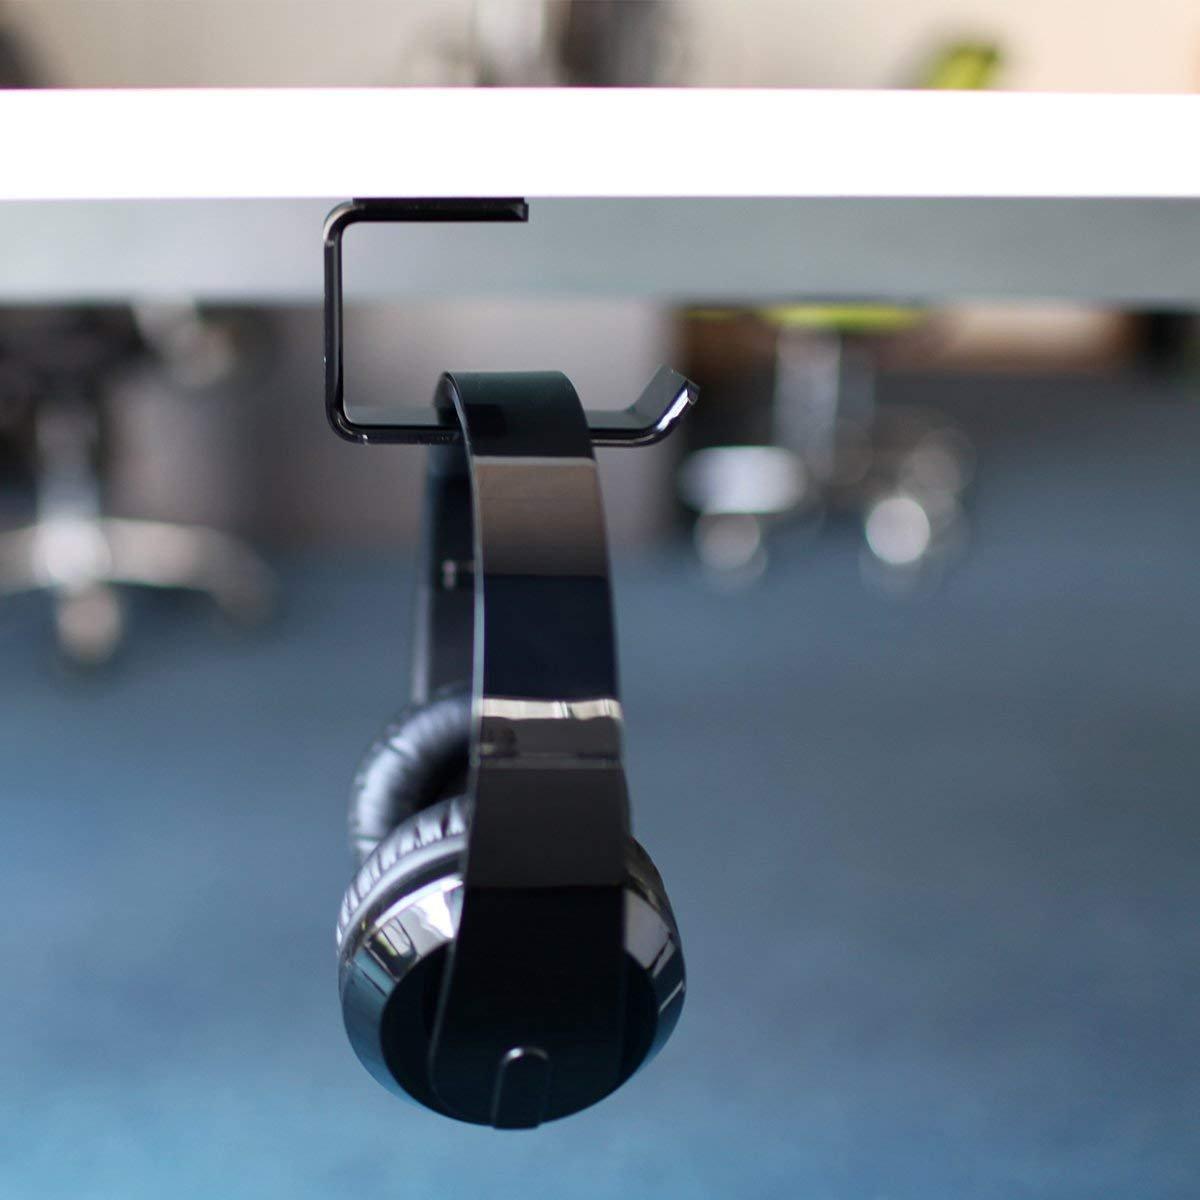 Headphone Stand Hanger, MOYTAICOO Acrylic Under Desk Headset Holder Mount Hook Hanger for Gaming Headphone Earphone, Black